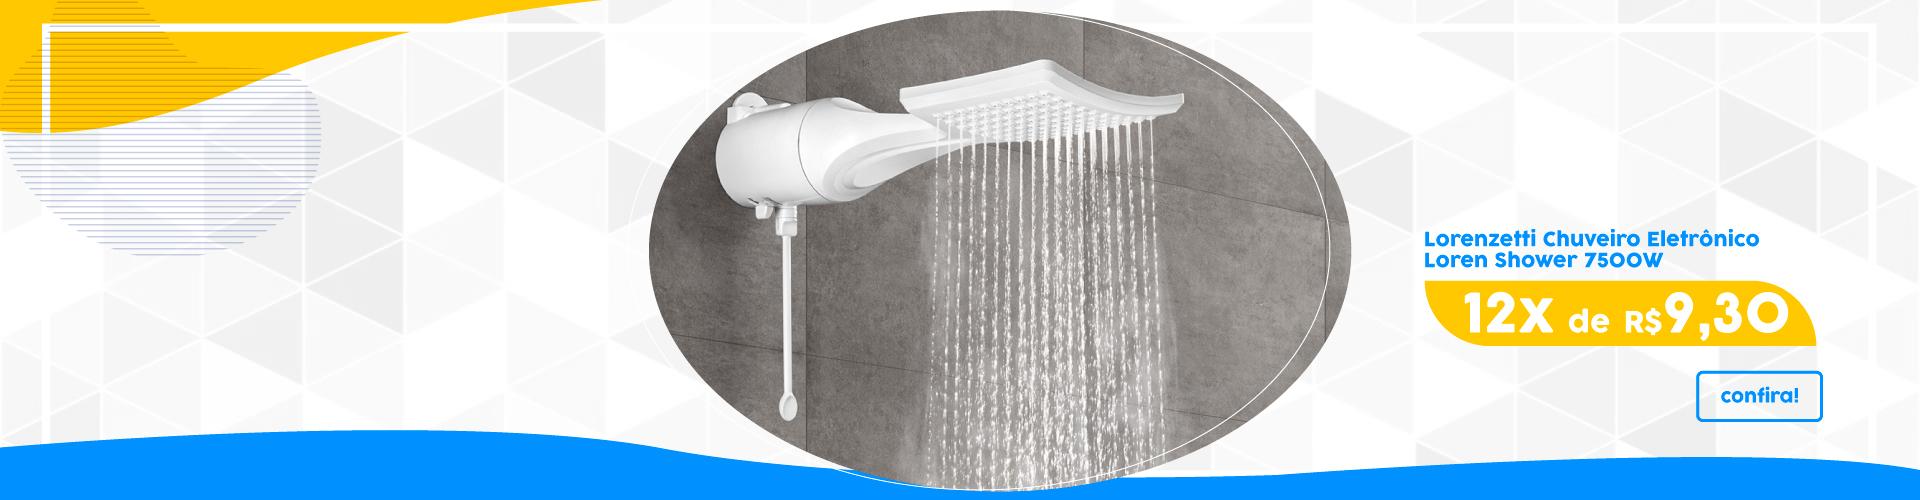 full_loren_shower